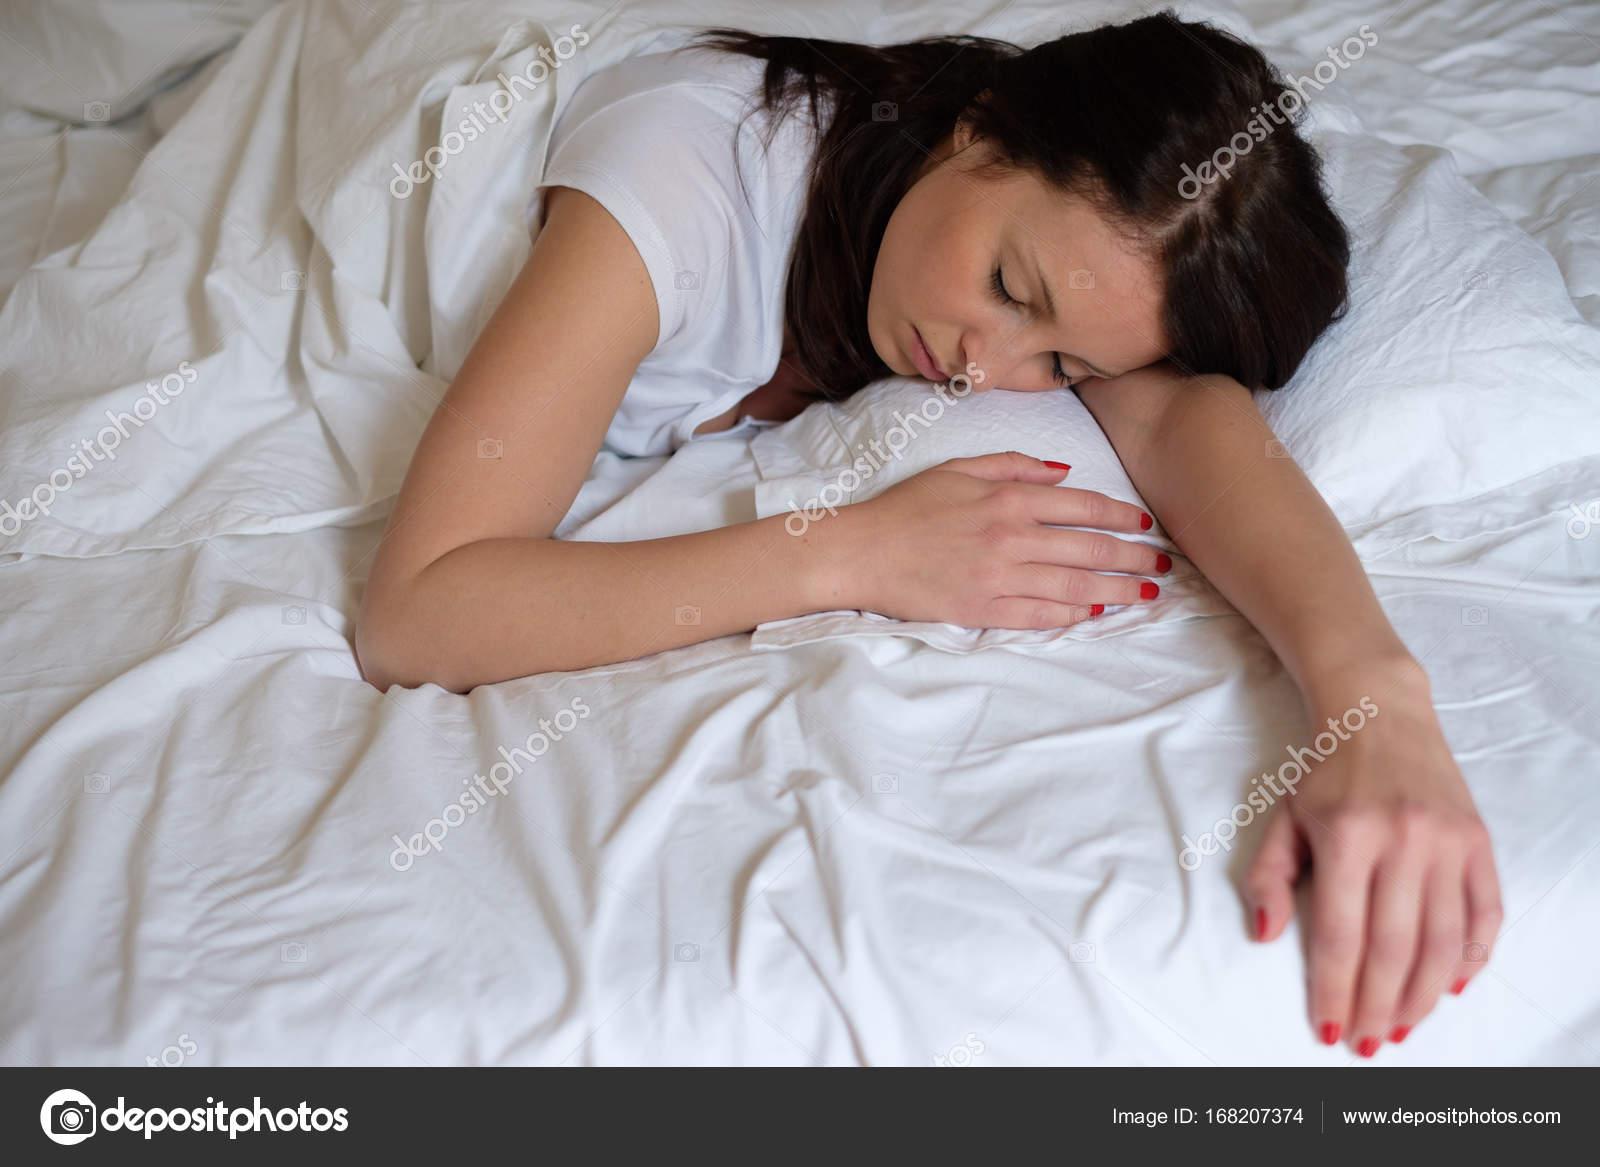 Спящая и ей толкают, Порно видео со спящими - смотреть онлайн бесплатно 22 фотография